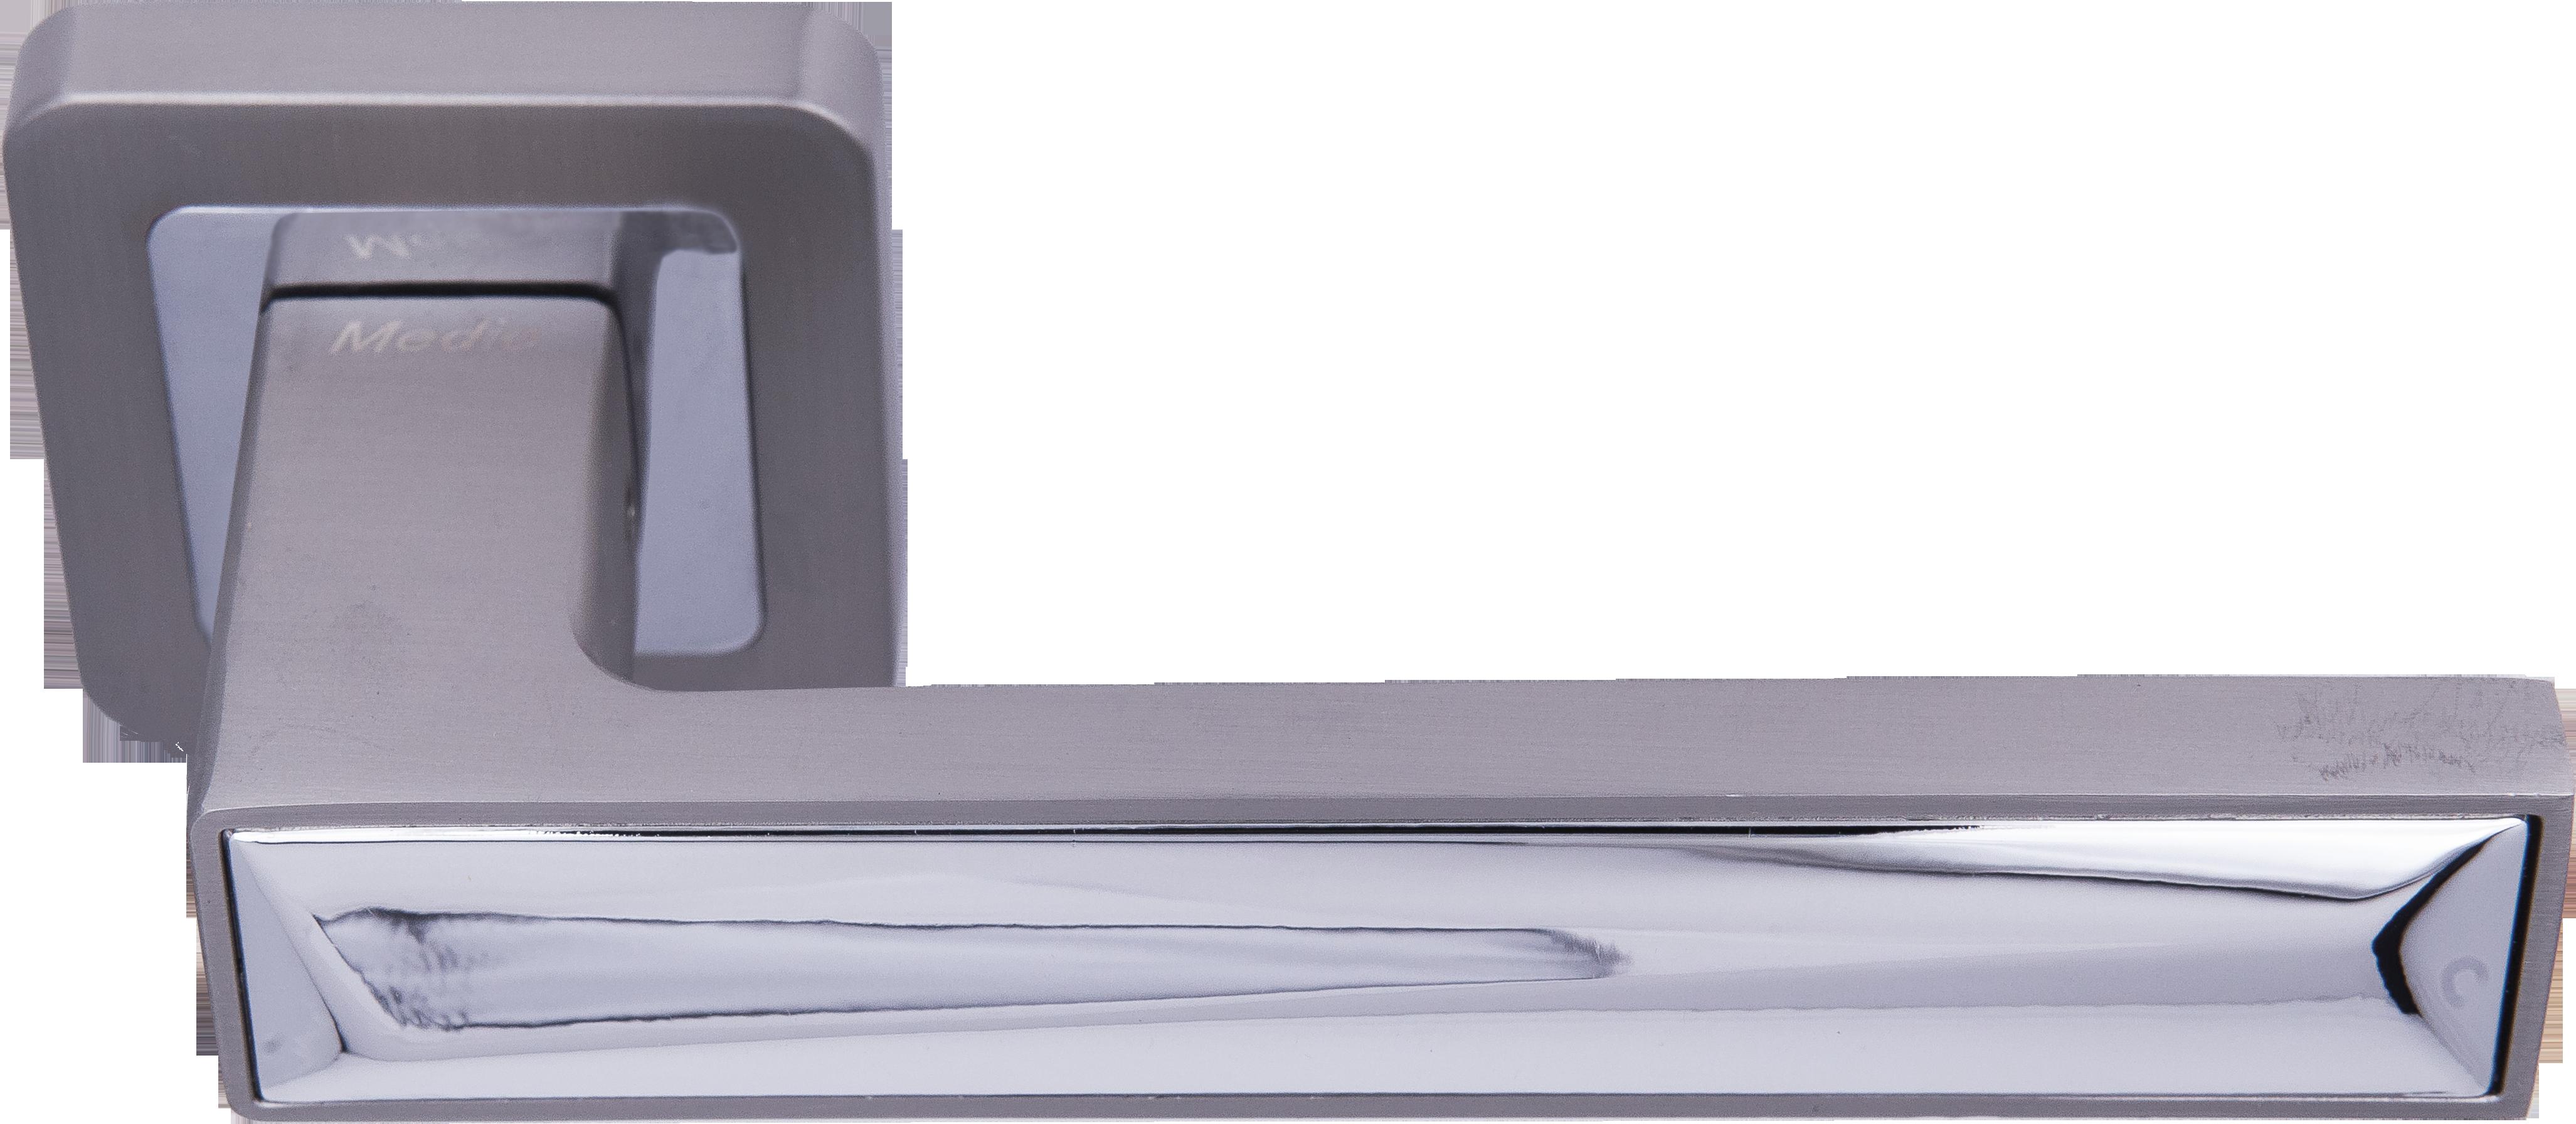 Ручка Медио ML7465-78 MSN/CP мат.никель/хром (20 шт)